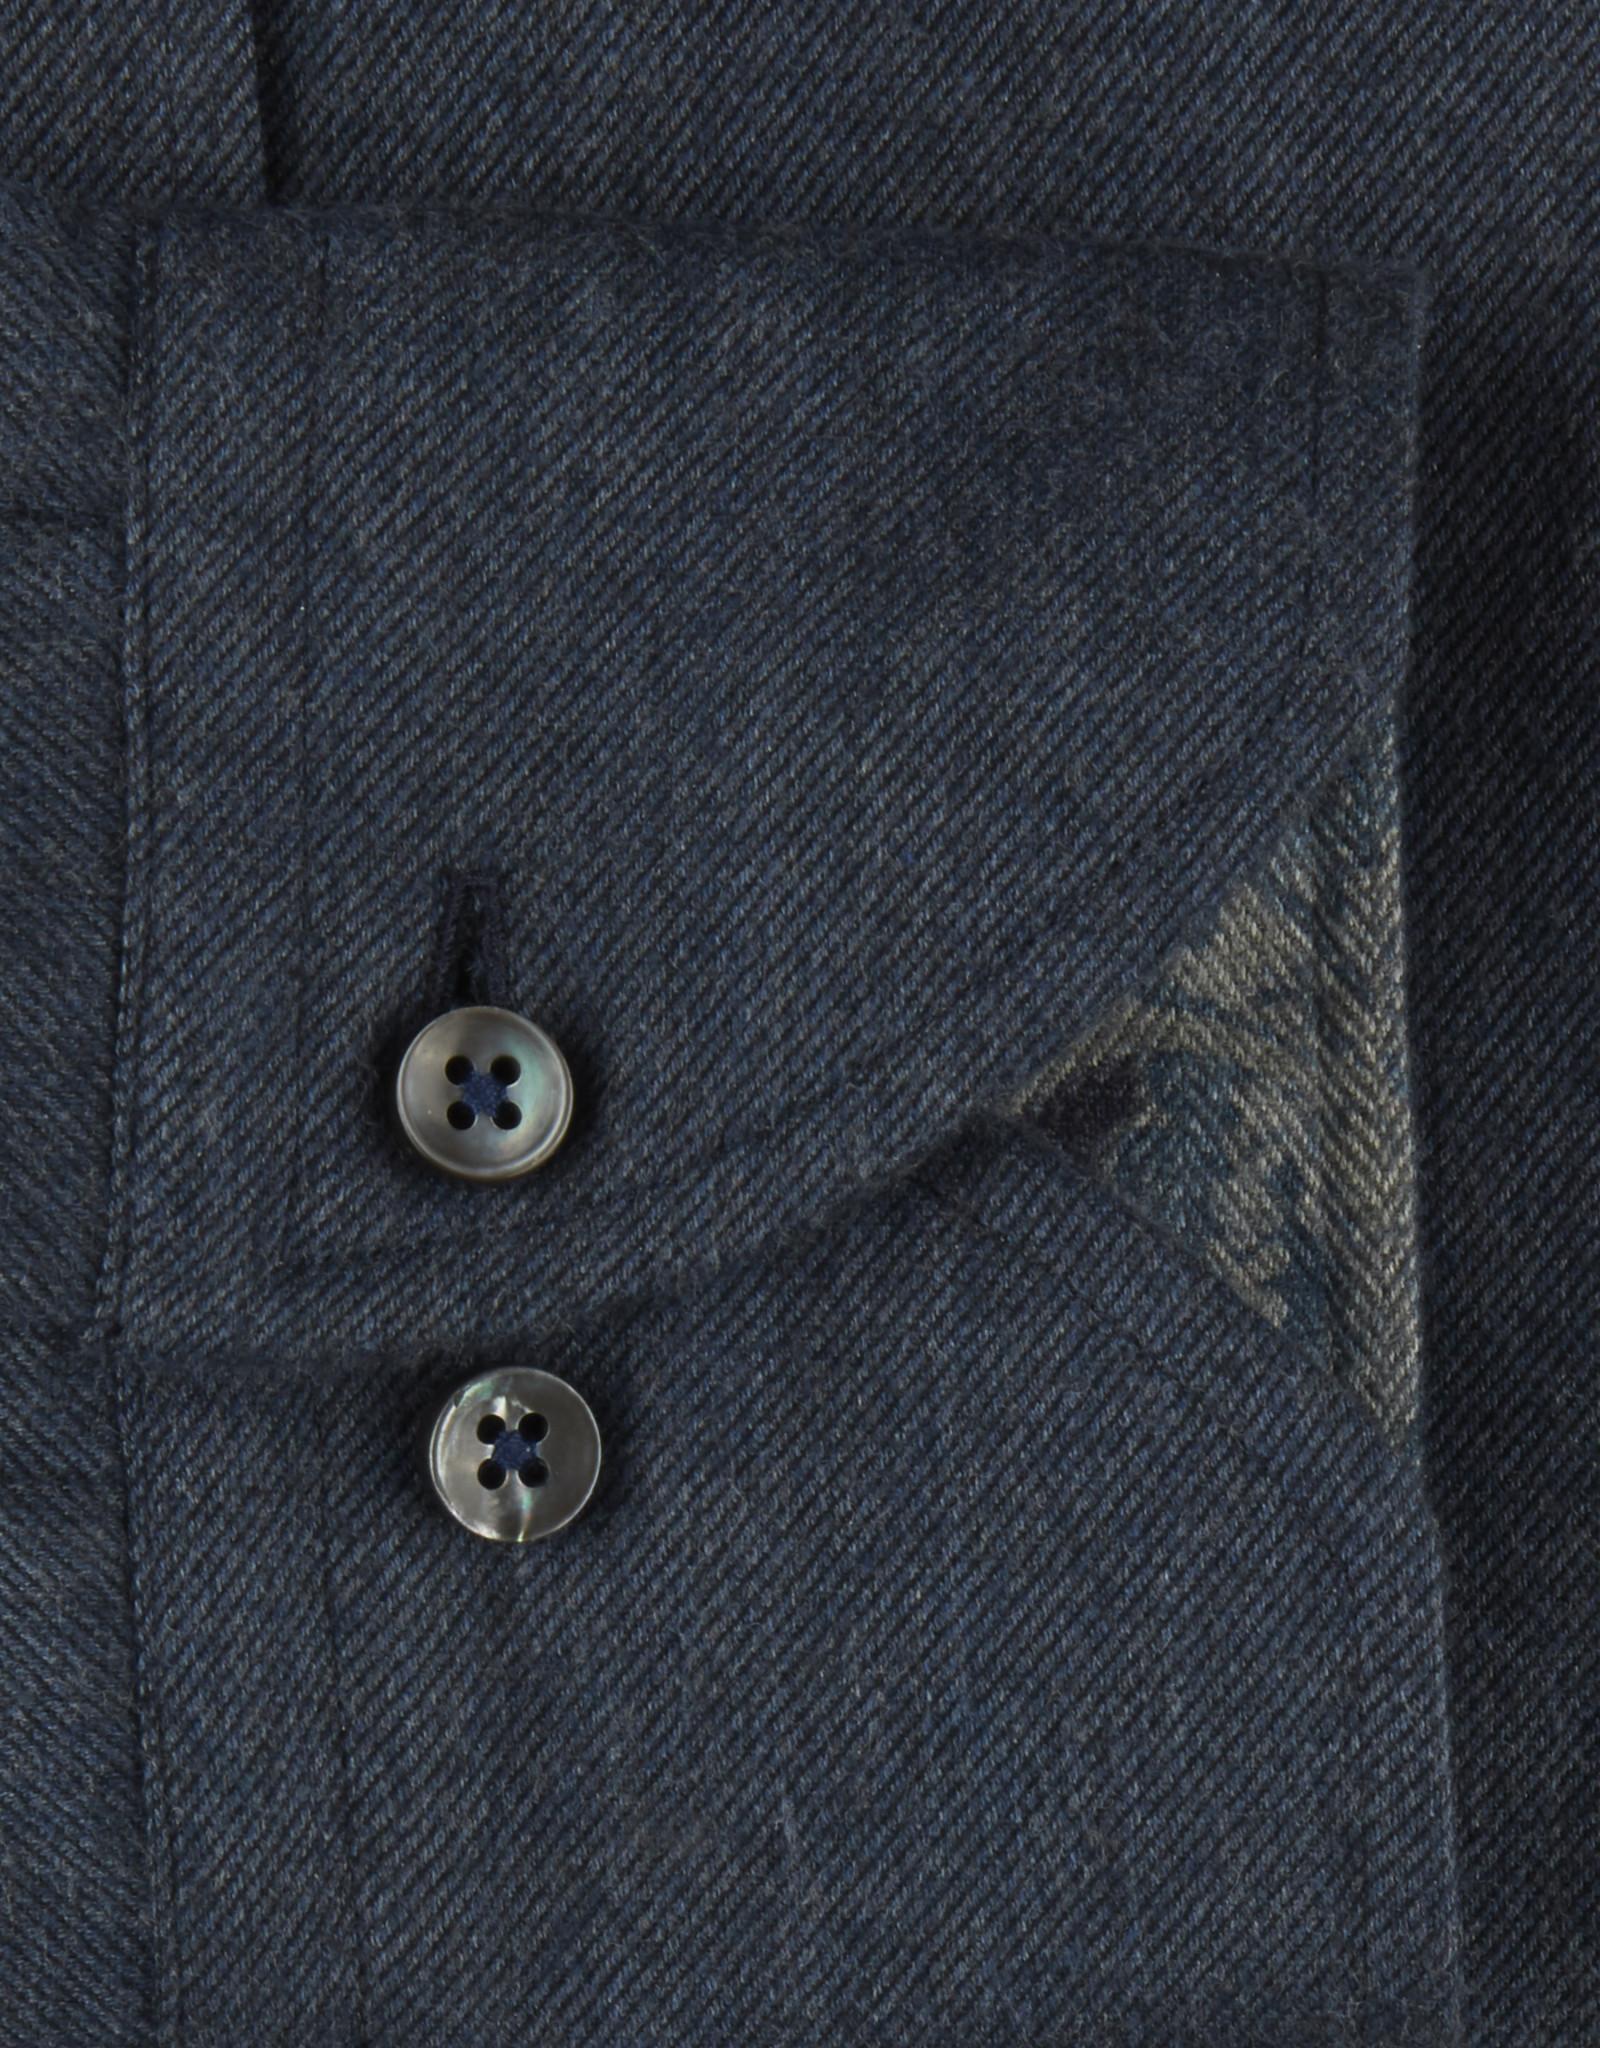 Stenströms Stenströms hemd donkerblauw fitted body 684261-7635/180